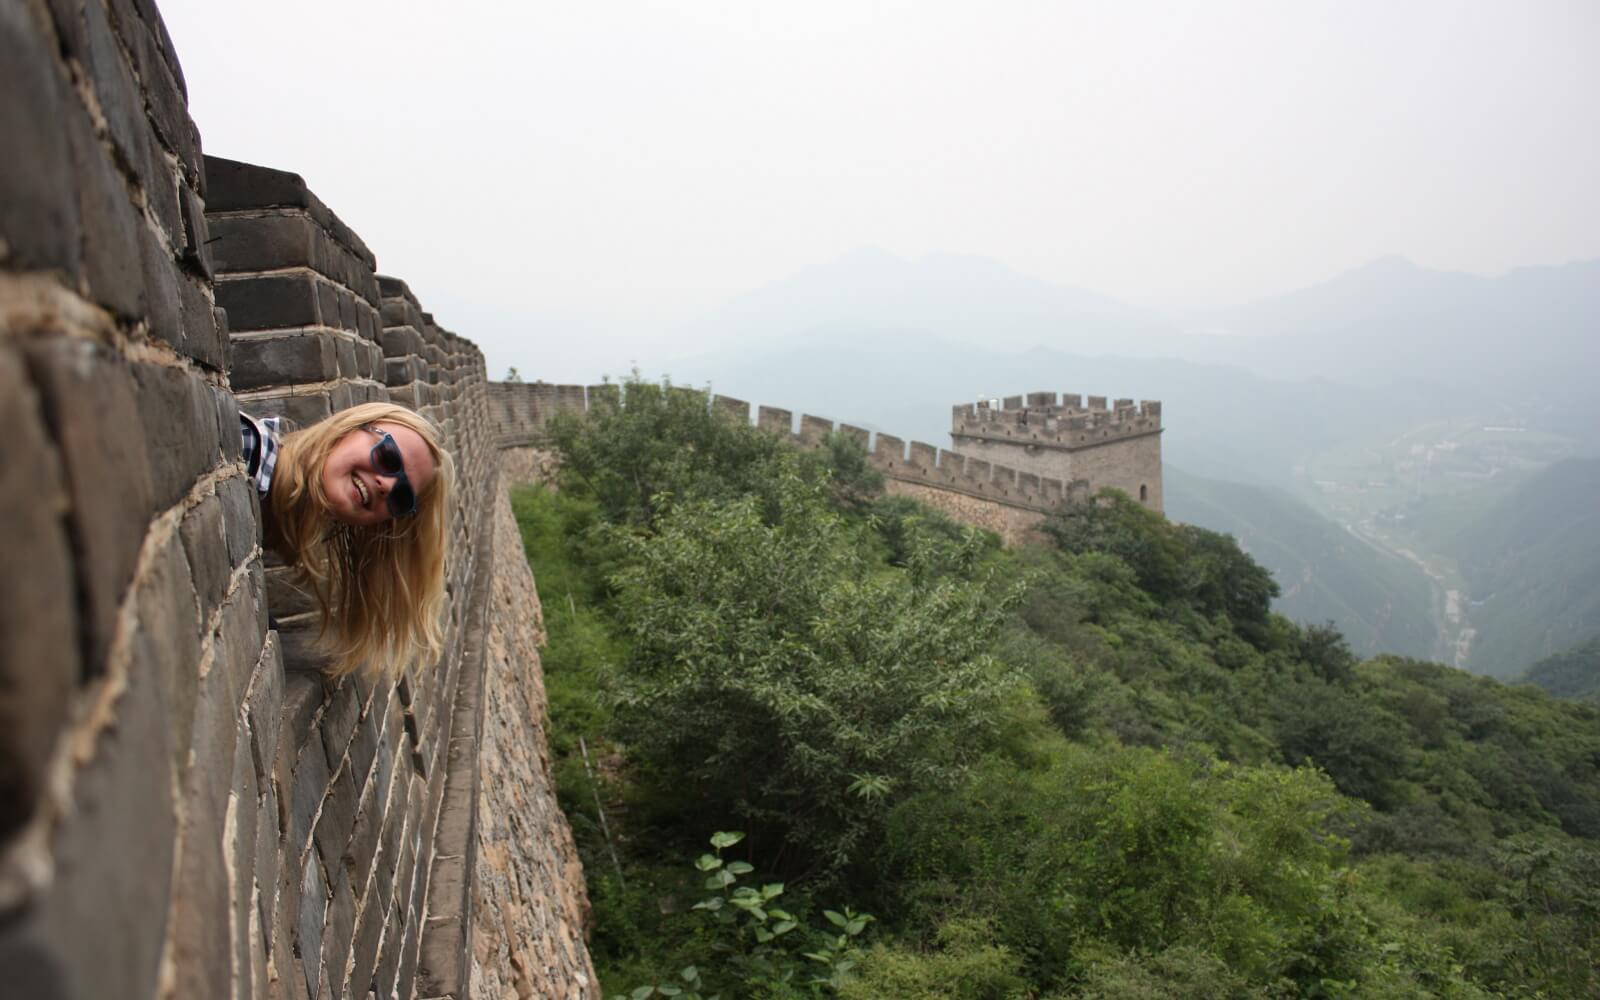 Hanna auf der großen Mauer